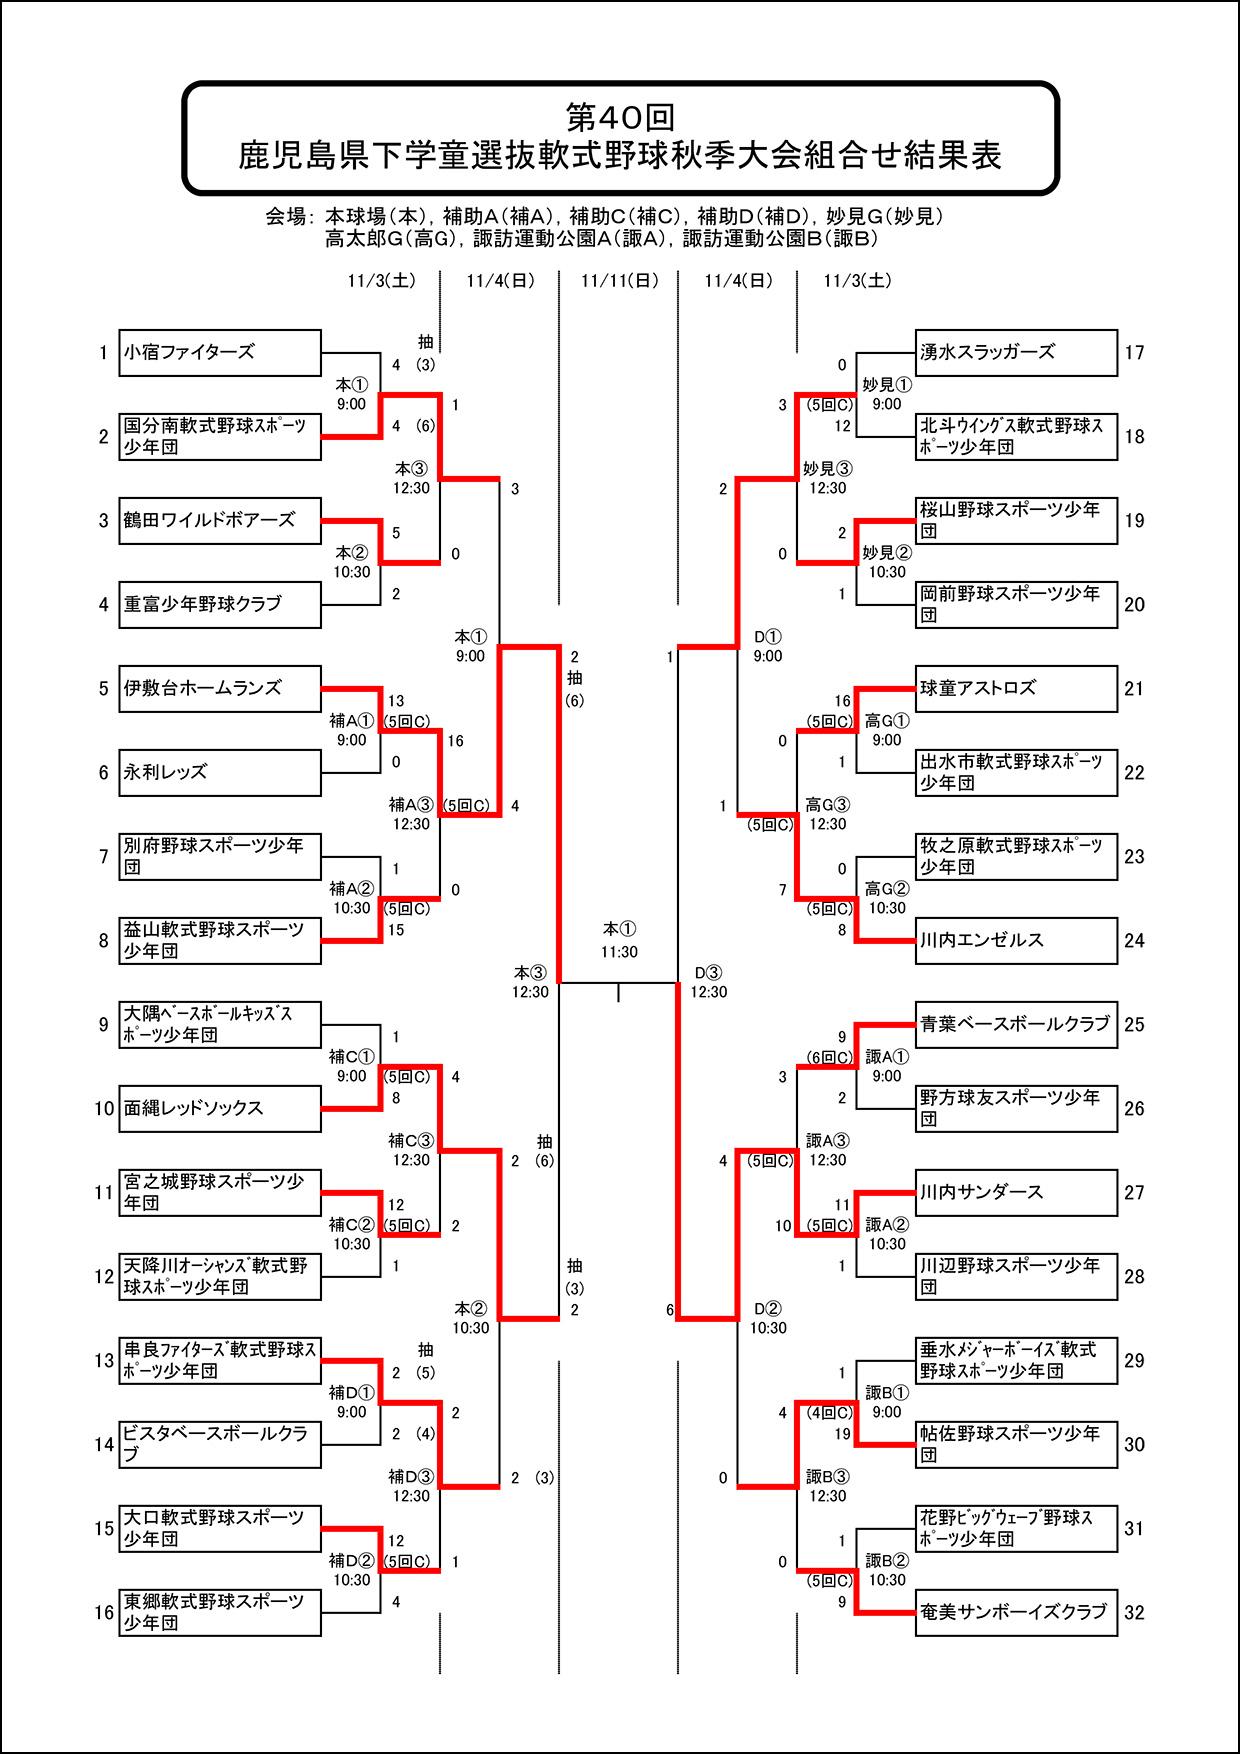 【11月4日結果】鹿児島県下学童選抜軟式野球秋季大会